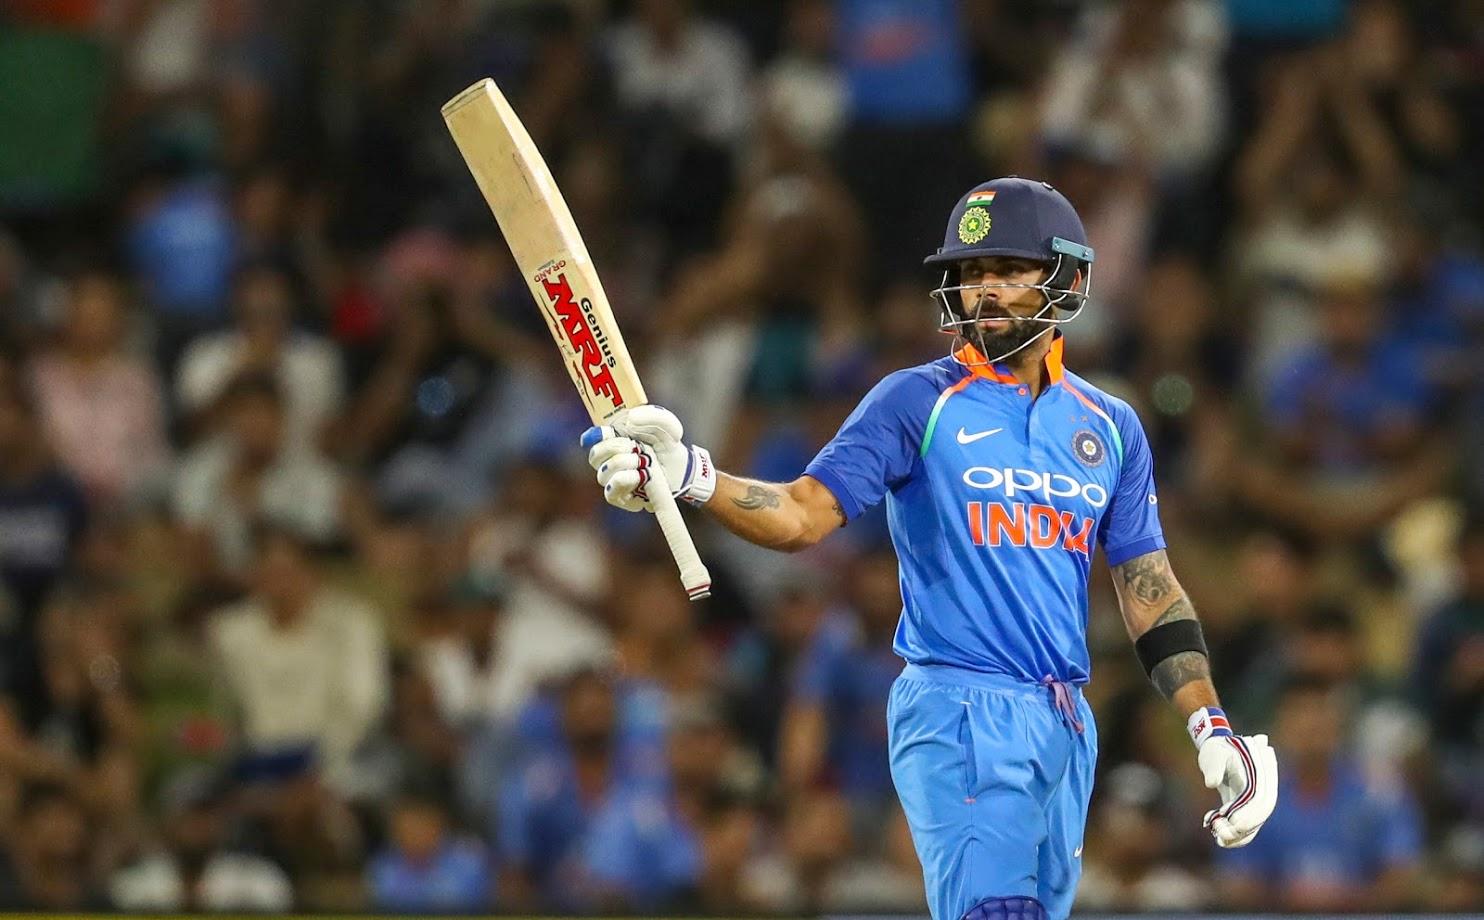 पिछले 8 साल से यहां वनडे में किसी भी टीम को लक्ष्य का पीछा करते हुए जीत नहीं मिली है. साल 2013 से लेकर अब तक यहां 6 वनडे खेले गए हैं और हर बार पहले बैटिंग करने वाली टीम को जीत मिली है.